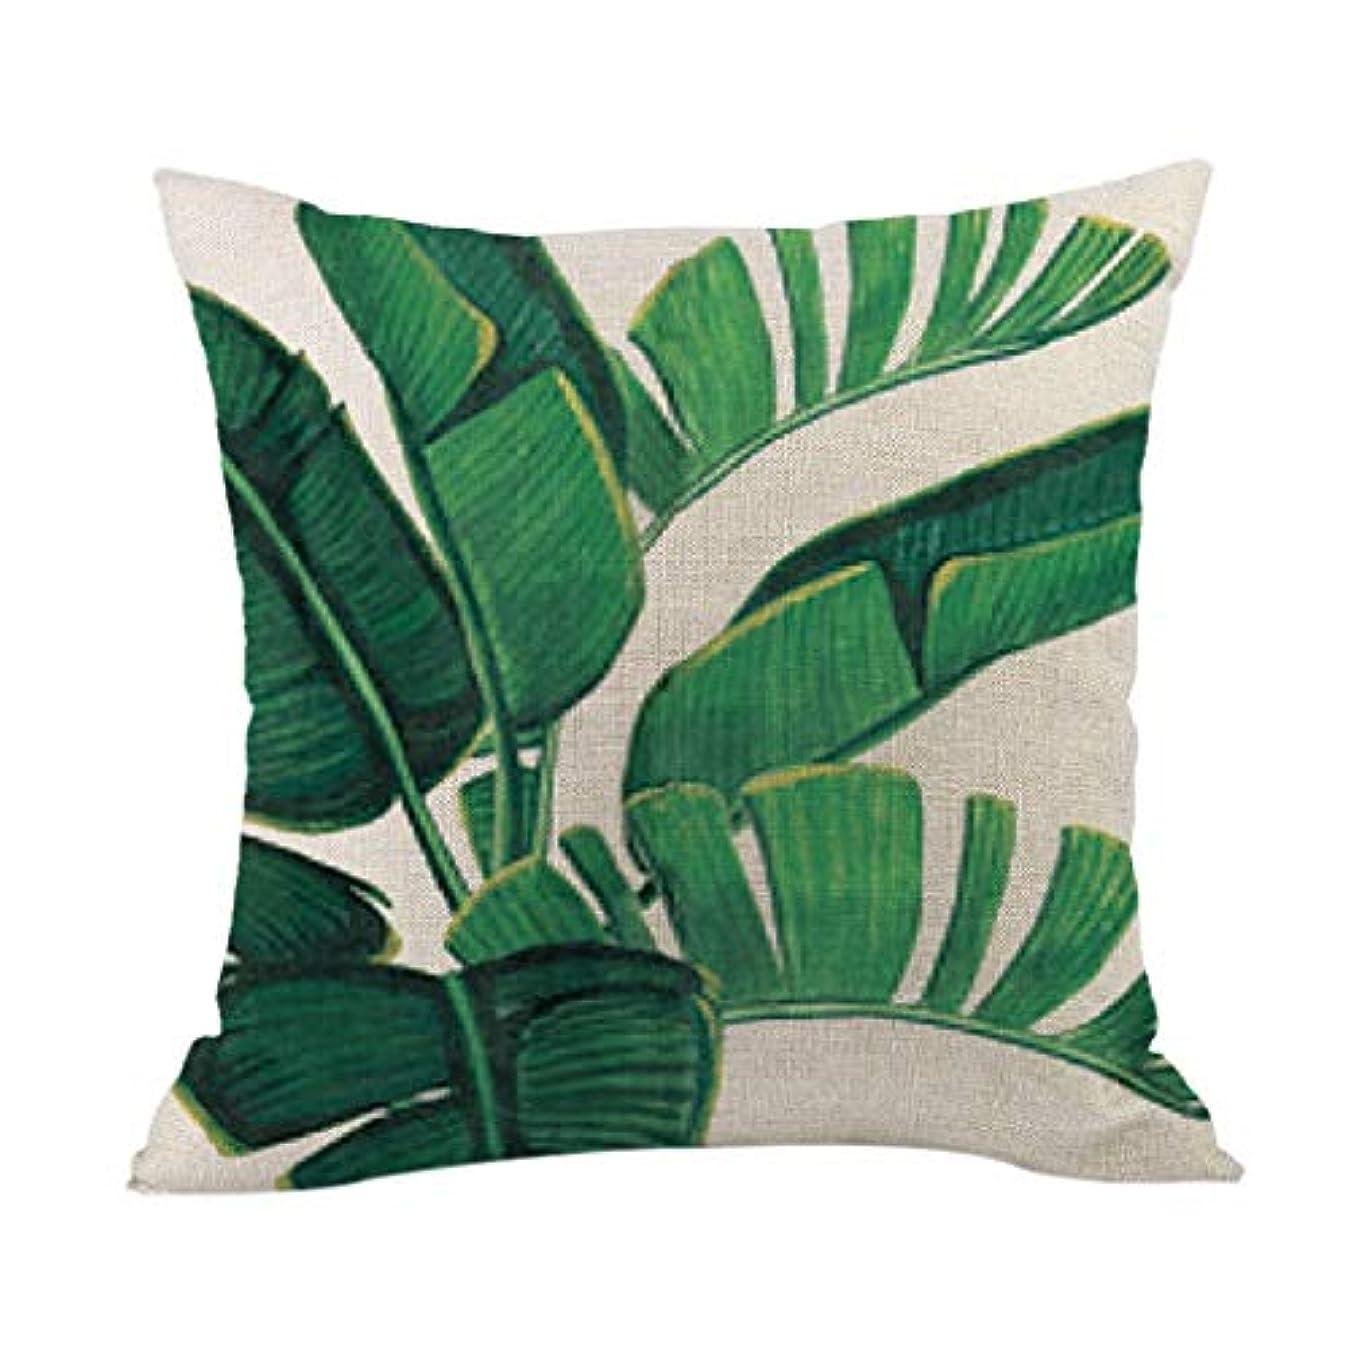 ダイアクリティカルアーティストコイルLIFE 高品質クッション熱帯植物ポリエステル枕ソファ投げるパッドセットホーム人格クッション coussin decoratif クッション 椅子